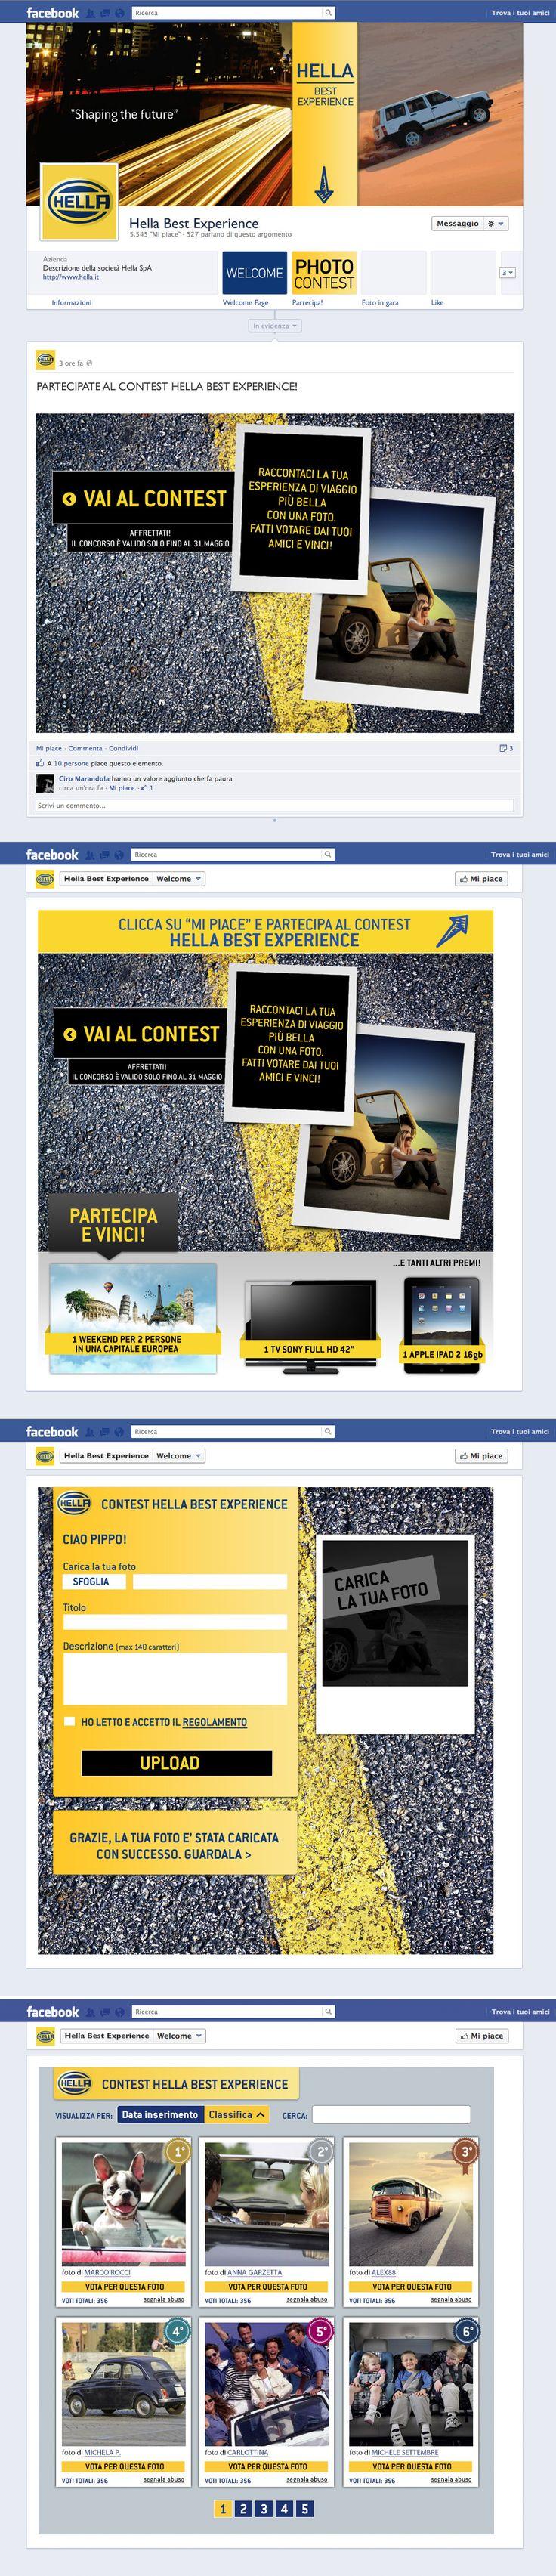 Cliente: Hella Progetto: Facebook app per concorso fotografico